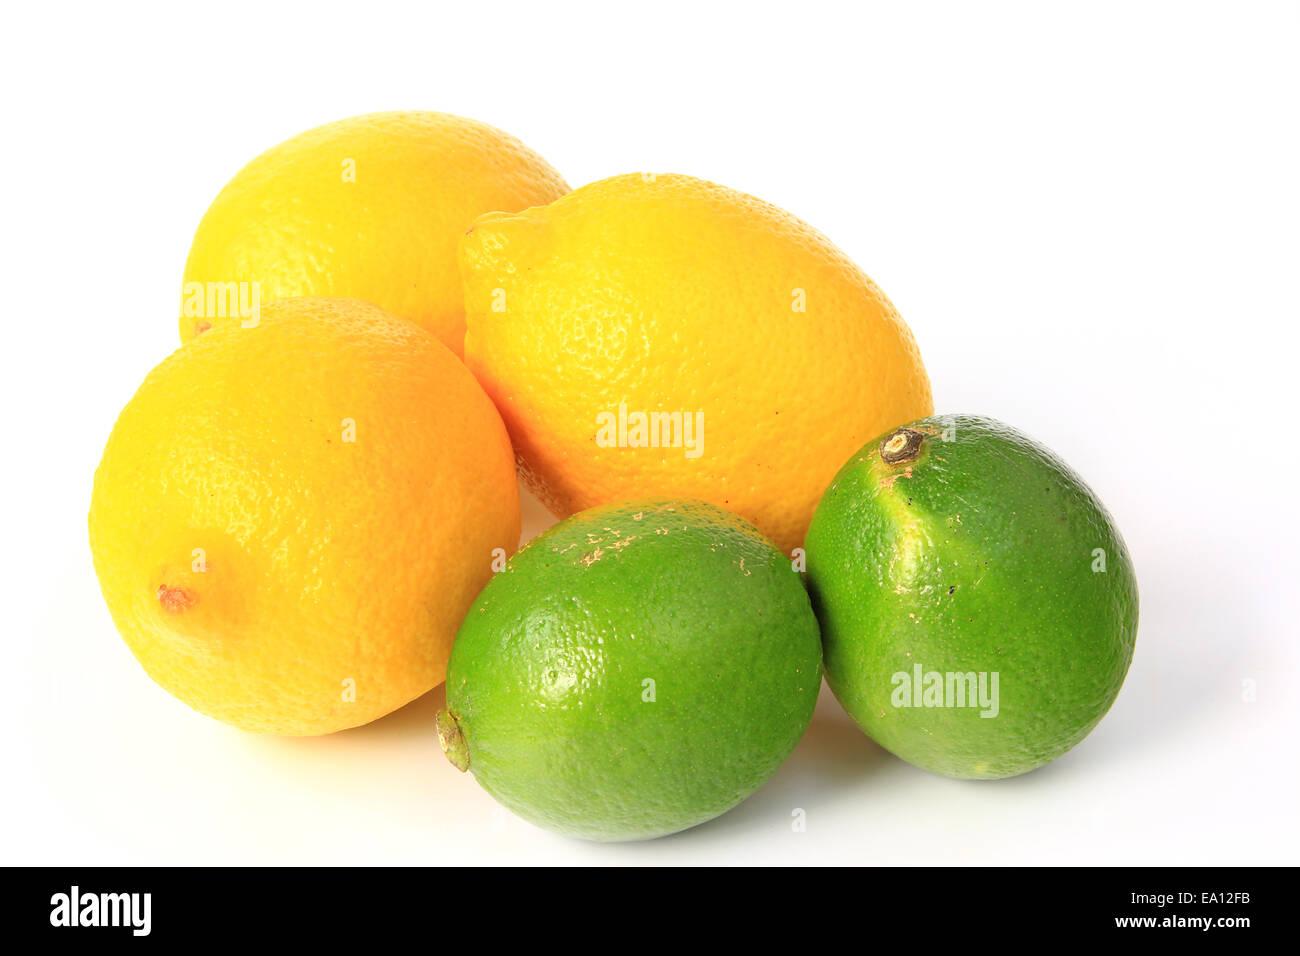 Lemons and limes Stock Photo